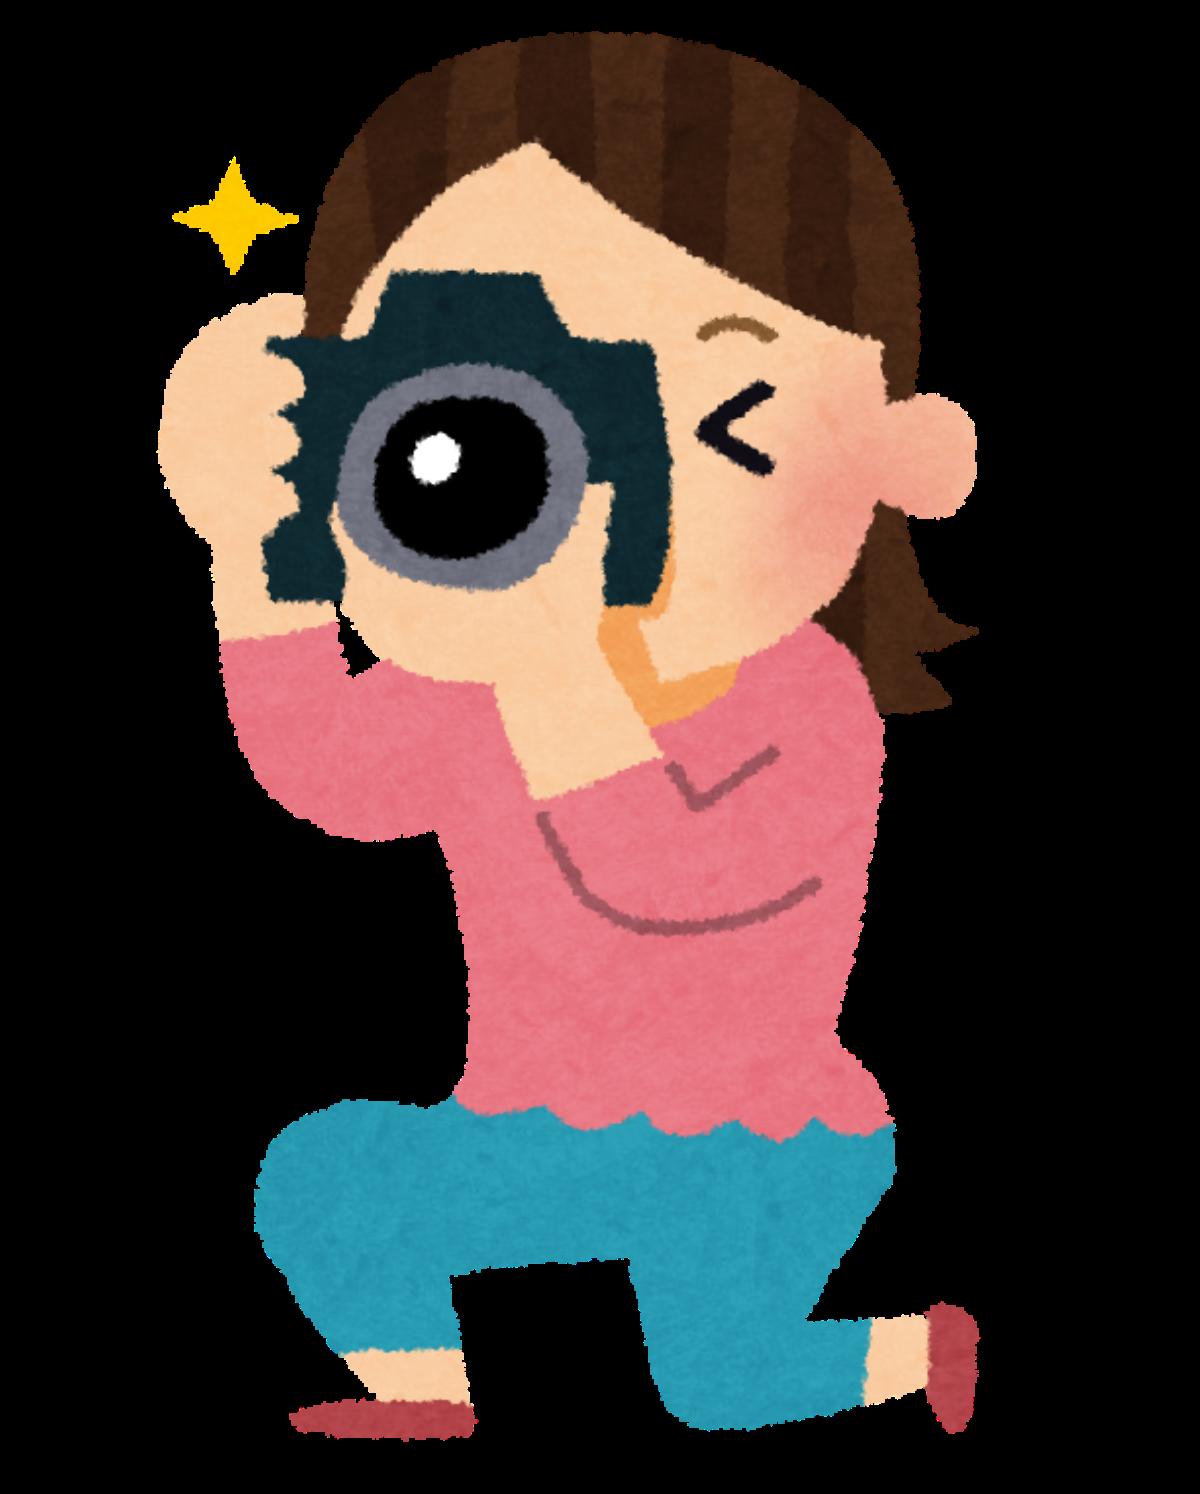 【2021.5/1(土)応募締切!】堺市北区・大泉緑地★四季彩園スプリング ボランティア&アートフェスティバルを題材にした『フォトコンテスト』に応募しよう♪: